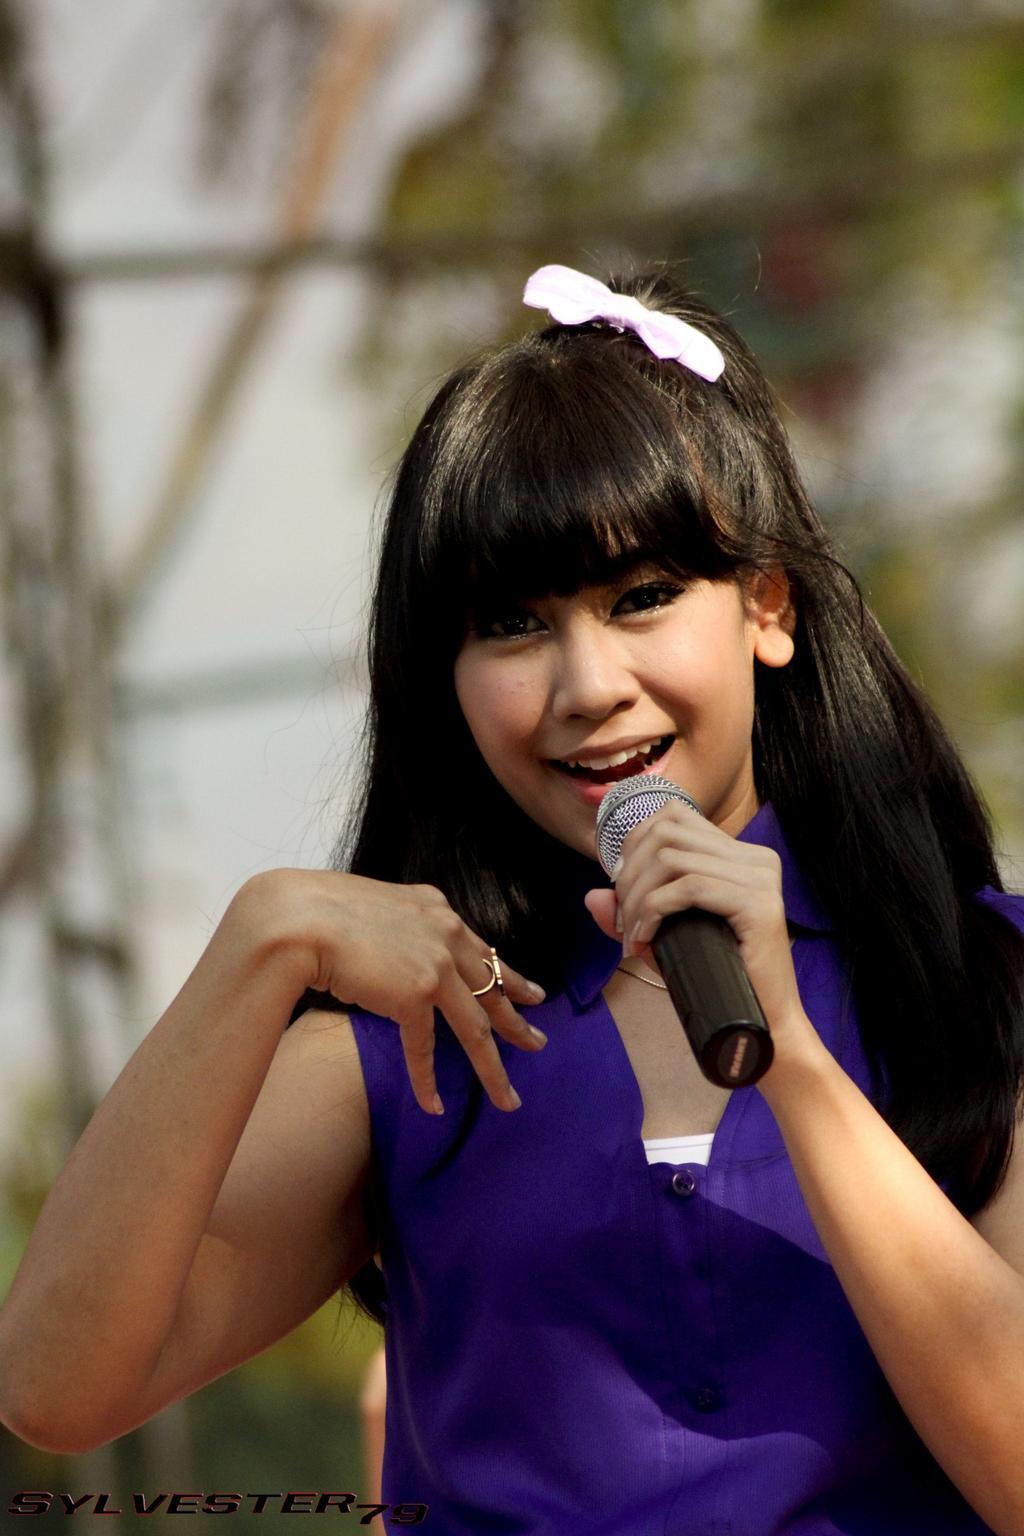 Jual Bokep Anak Kecil Nama lengkapnya Anisa Rahma - Lahir di Bandung 12.Okt.1990 - Tingginya 164 cm - Beratnya 46 kg - Suka banget sama kucing - Warna kesukaannya Pink,Merah,Dan ...